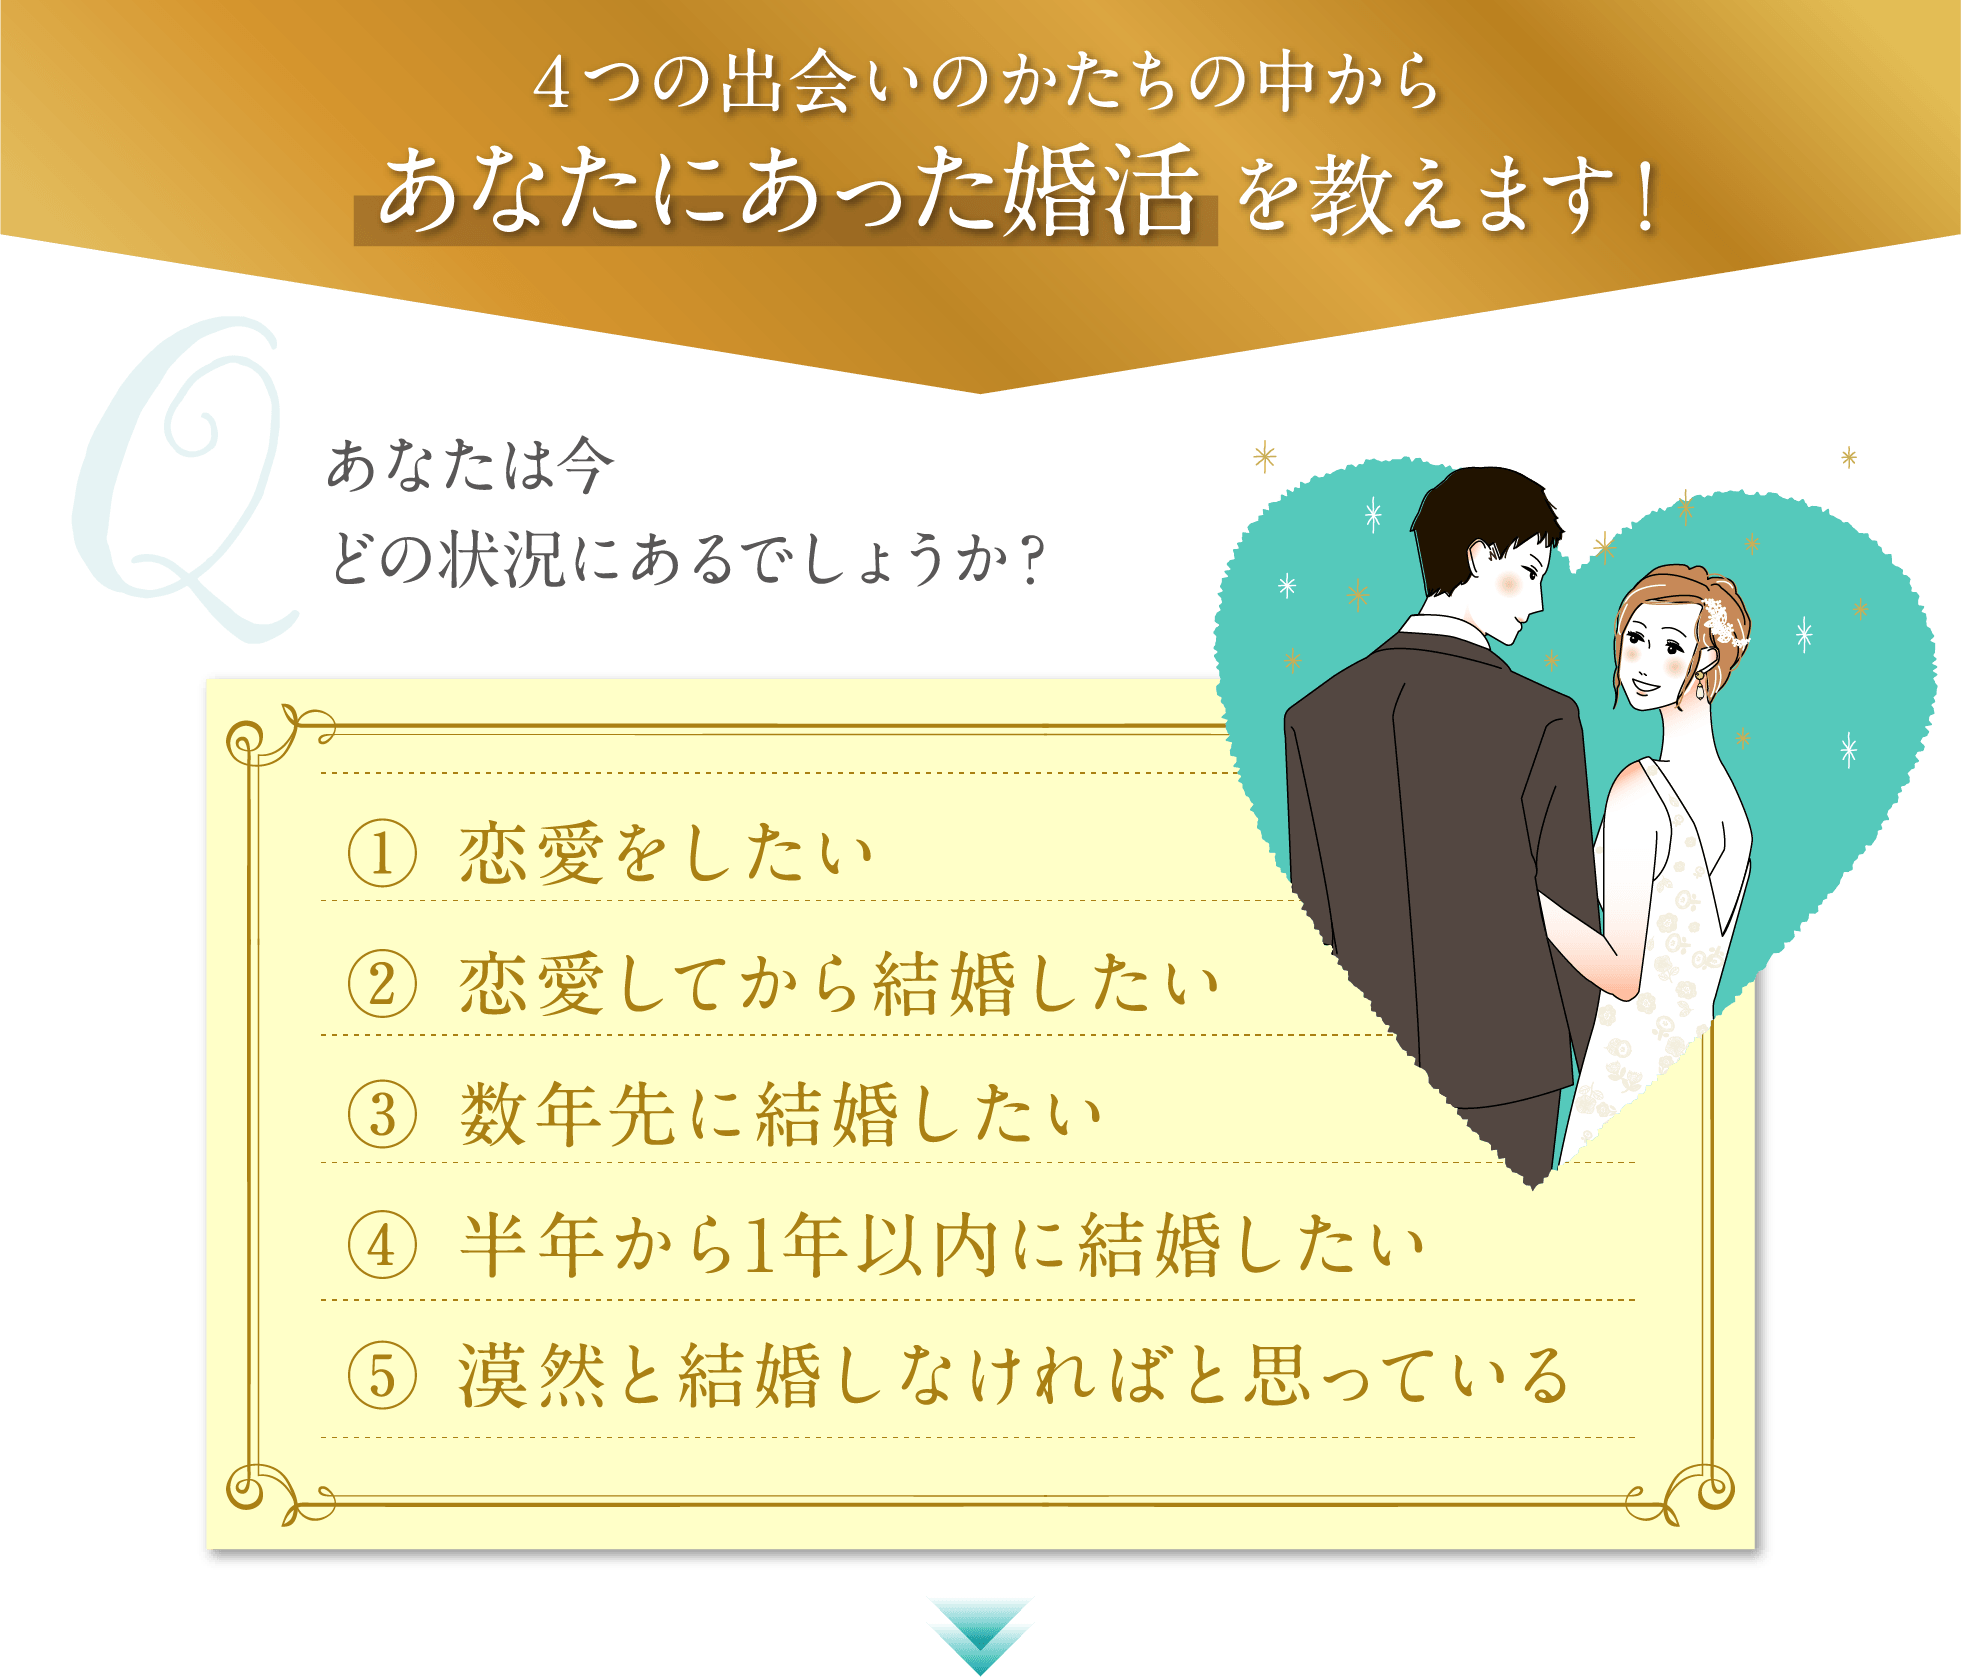 ganmi,婚活,4つの出会いのかたちの中からあなたにあった婚活を教えます!